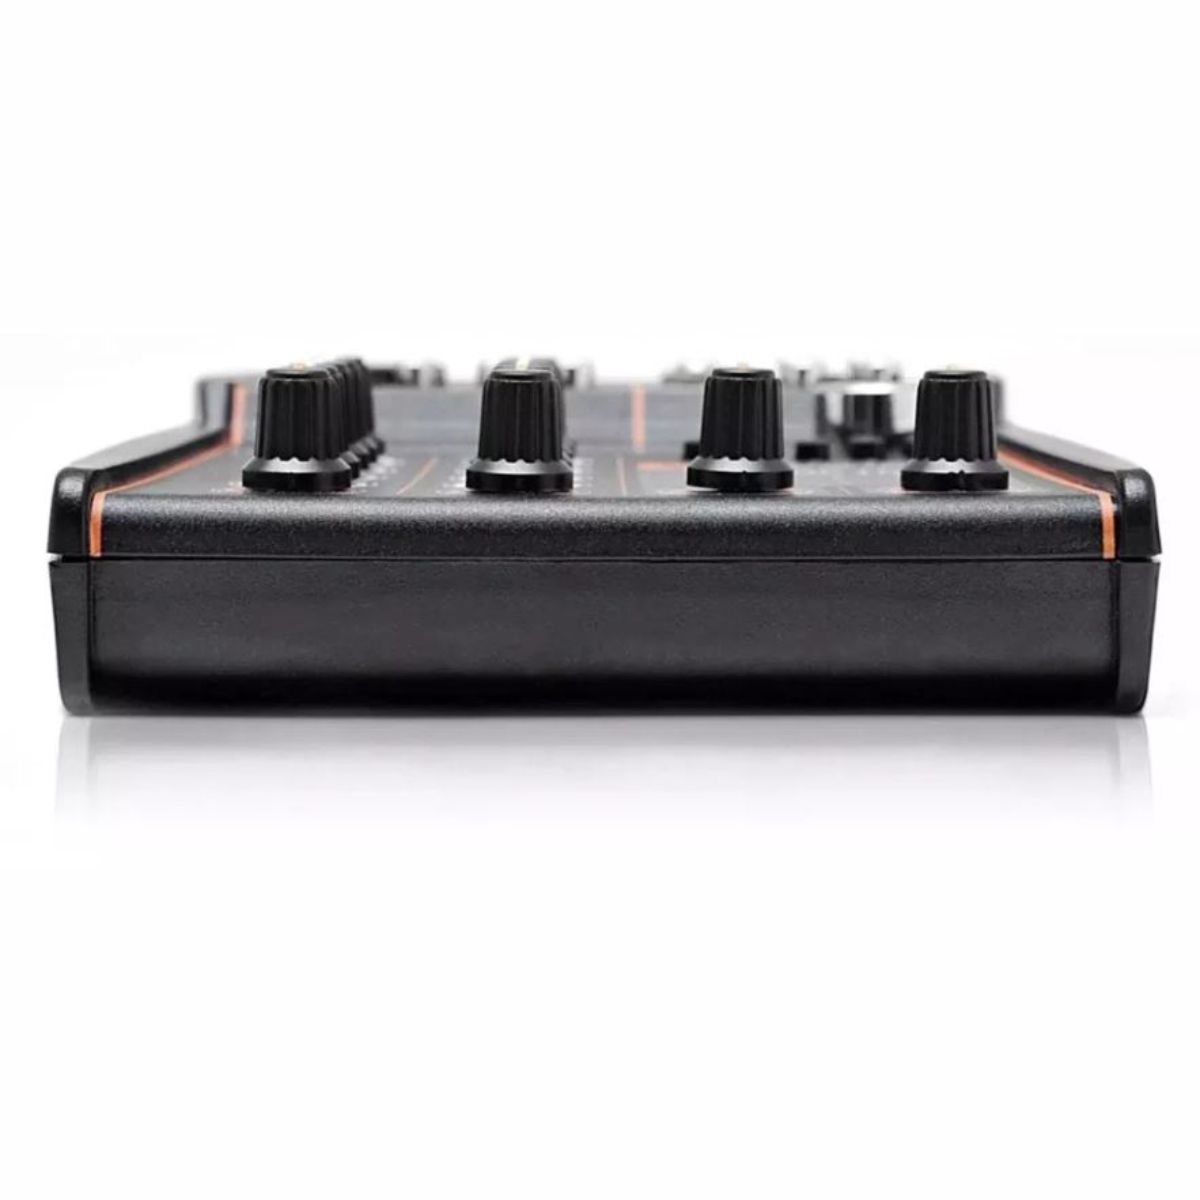 Mesa de som Expert Electronics MX Player Bluetooth 2 Canais 4 Bandas